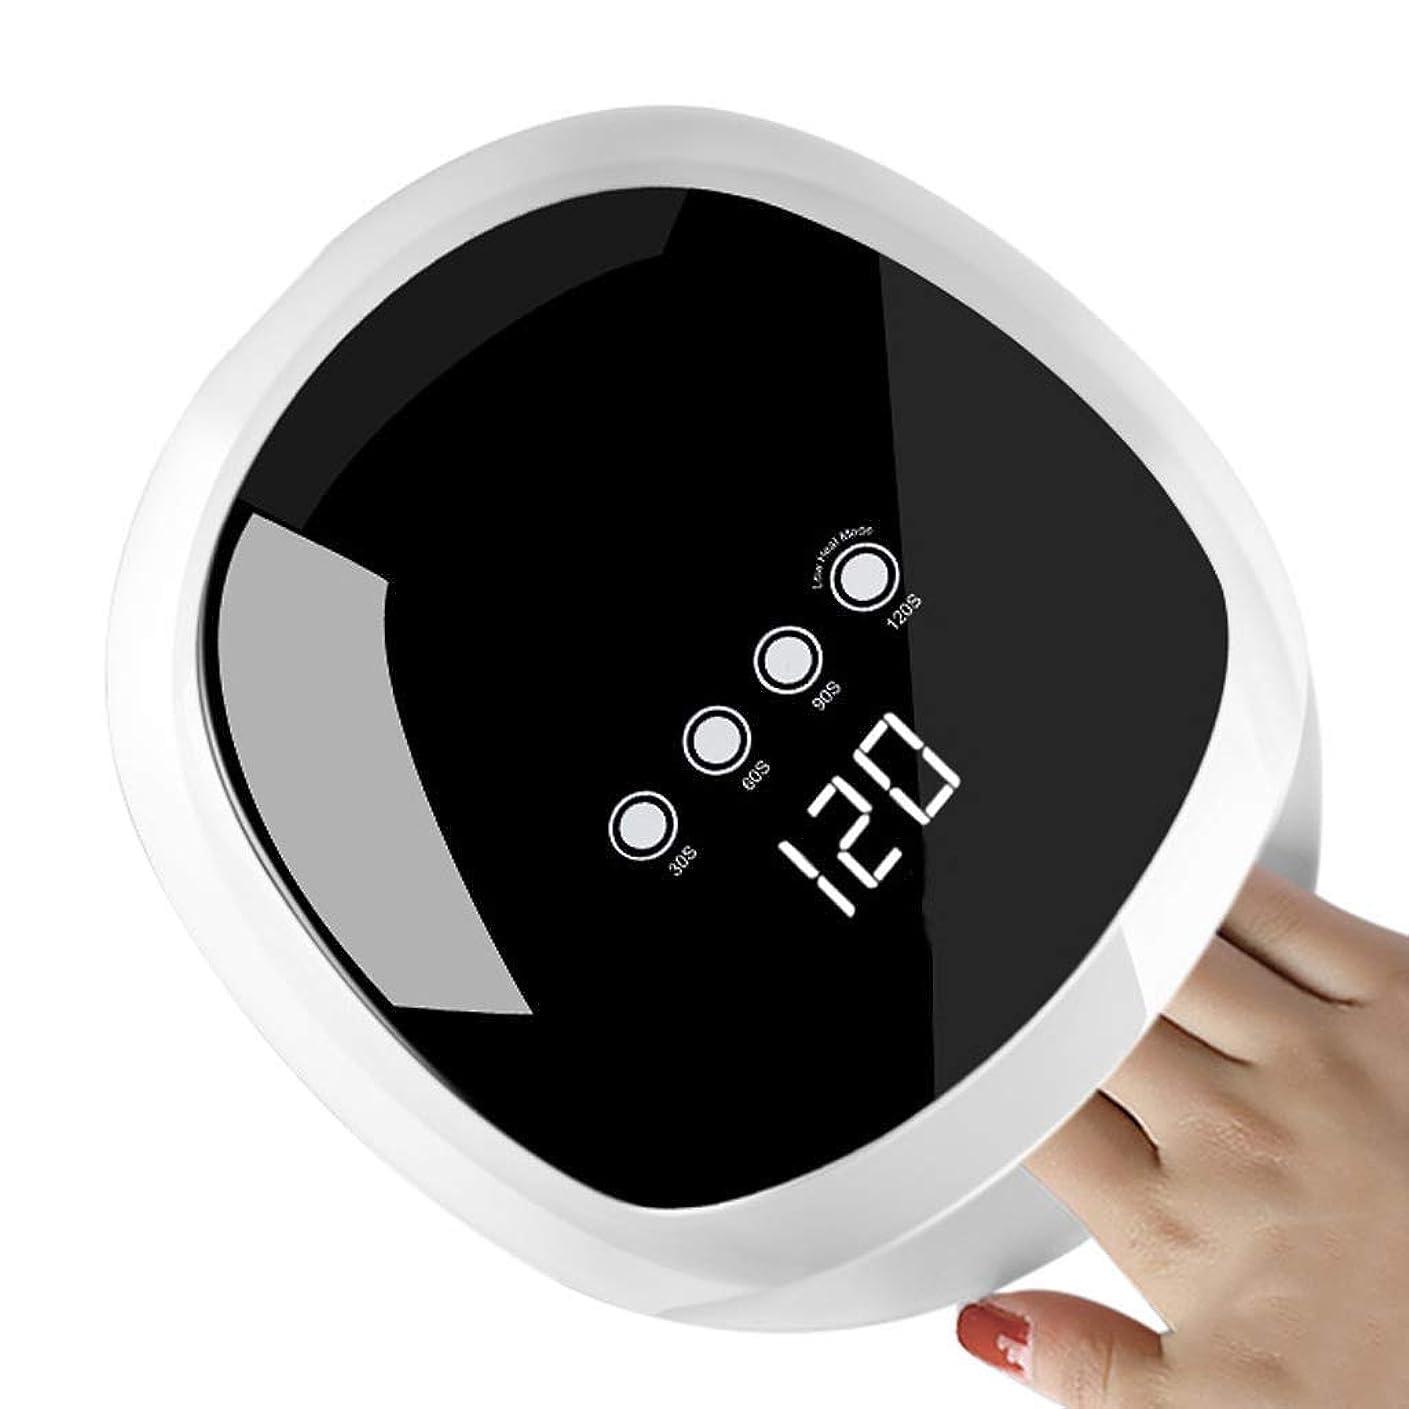 ワゴンきれいに探検Yalztc-zyq16 4タイマー設定のネイルランプ、ジェルネイル、トゥネイル用ハイパワークイックドライオールグルー (色 : 白)